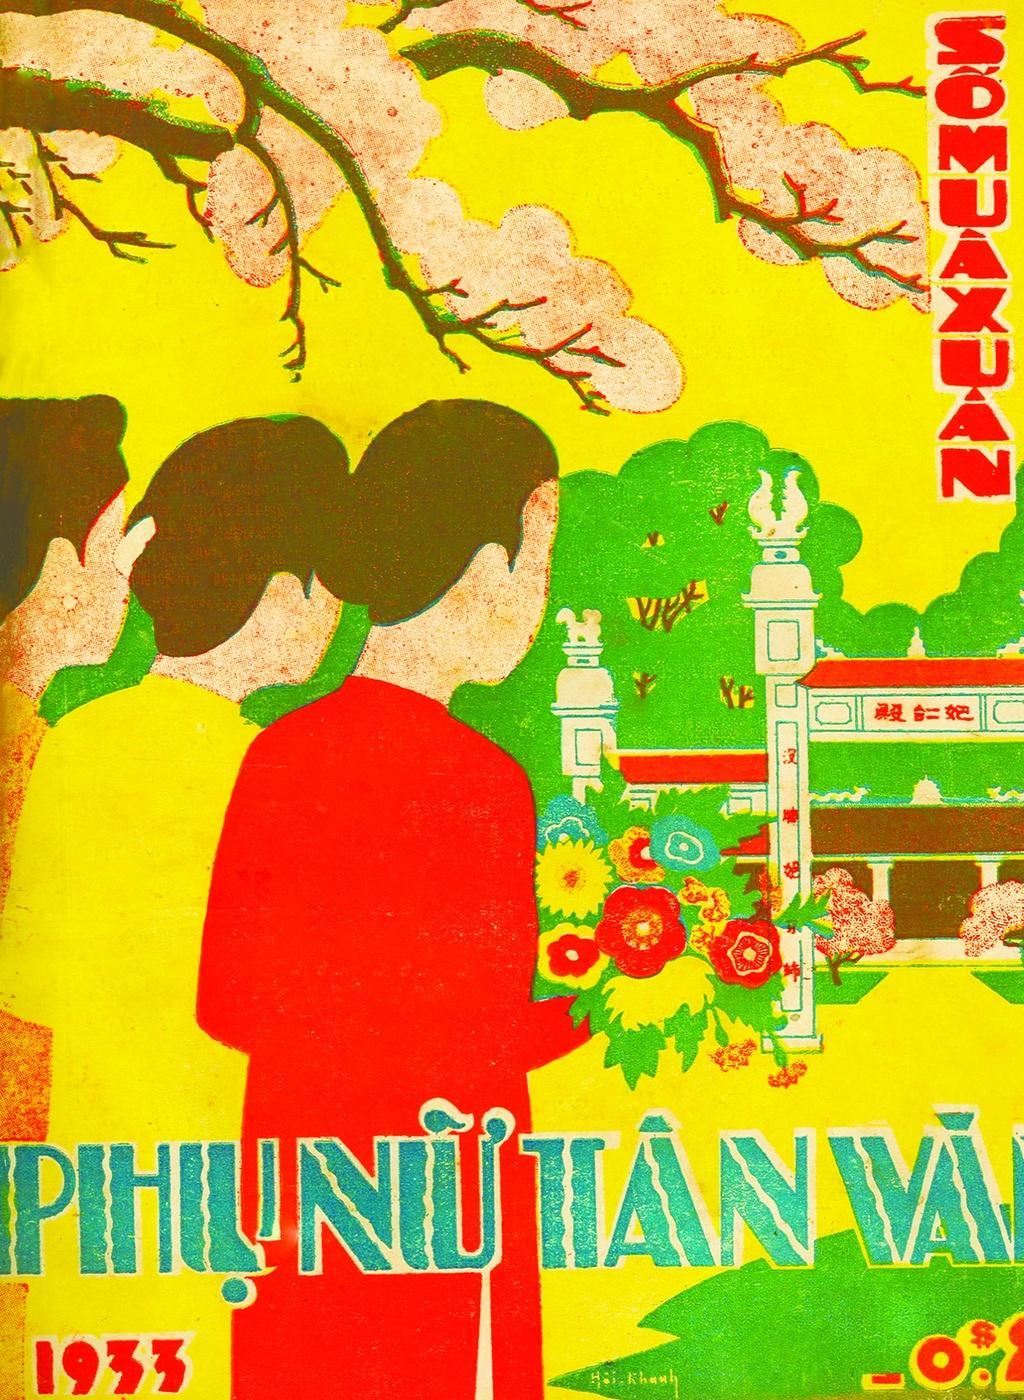 Bao Xuan Sai Gon xua: Giai pham va giai nhan hinh anh 1